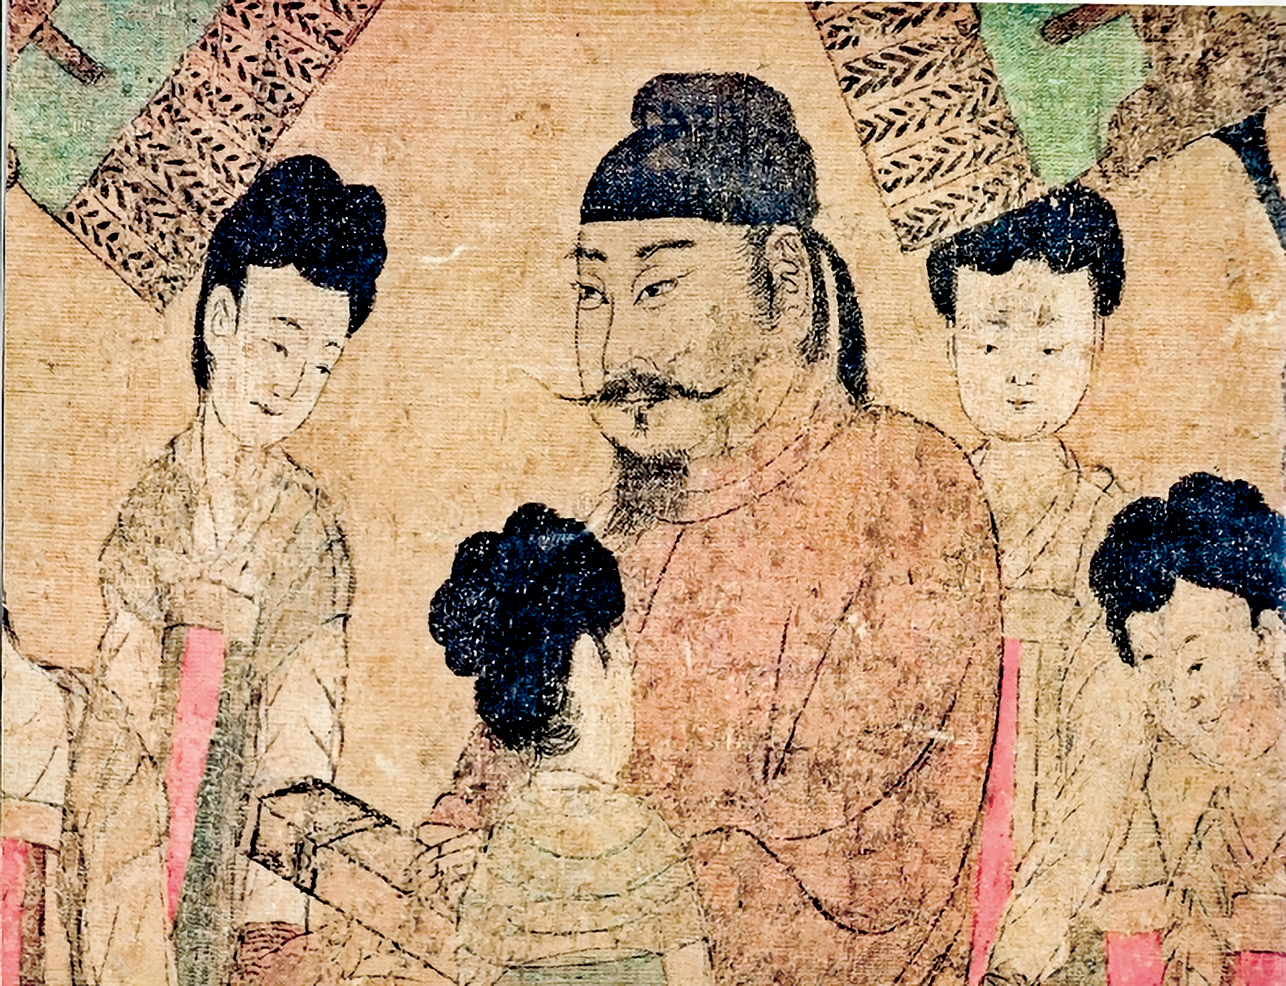 圖為唐閻立本《步輦圖》描繪的唐太宗。(公有領域)